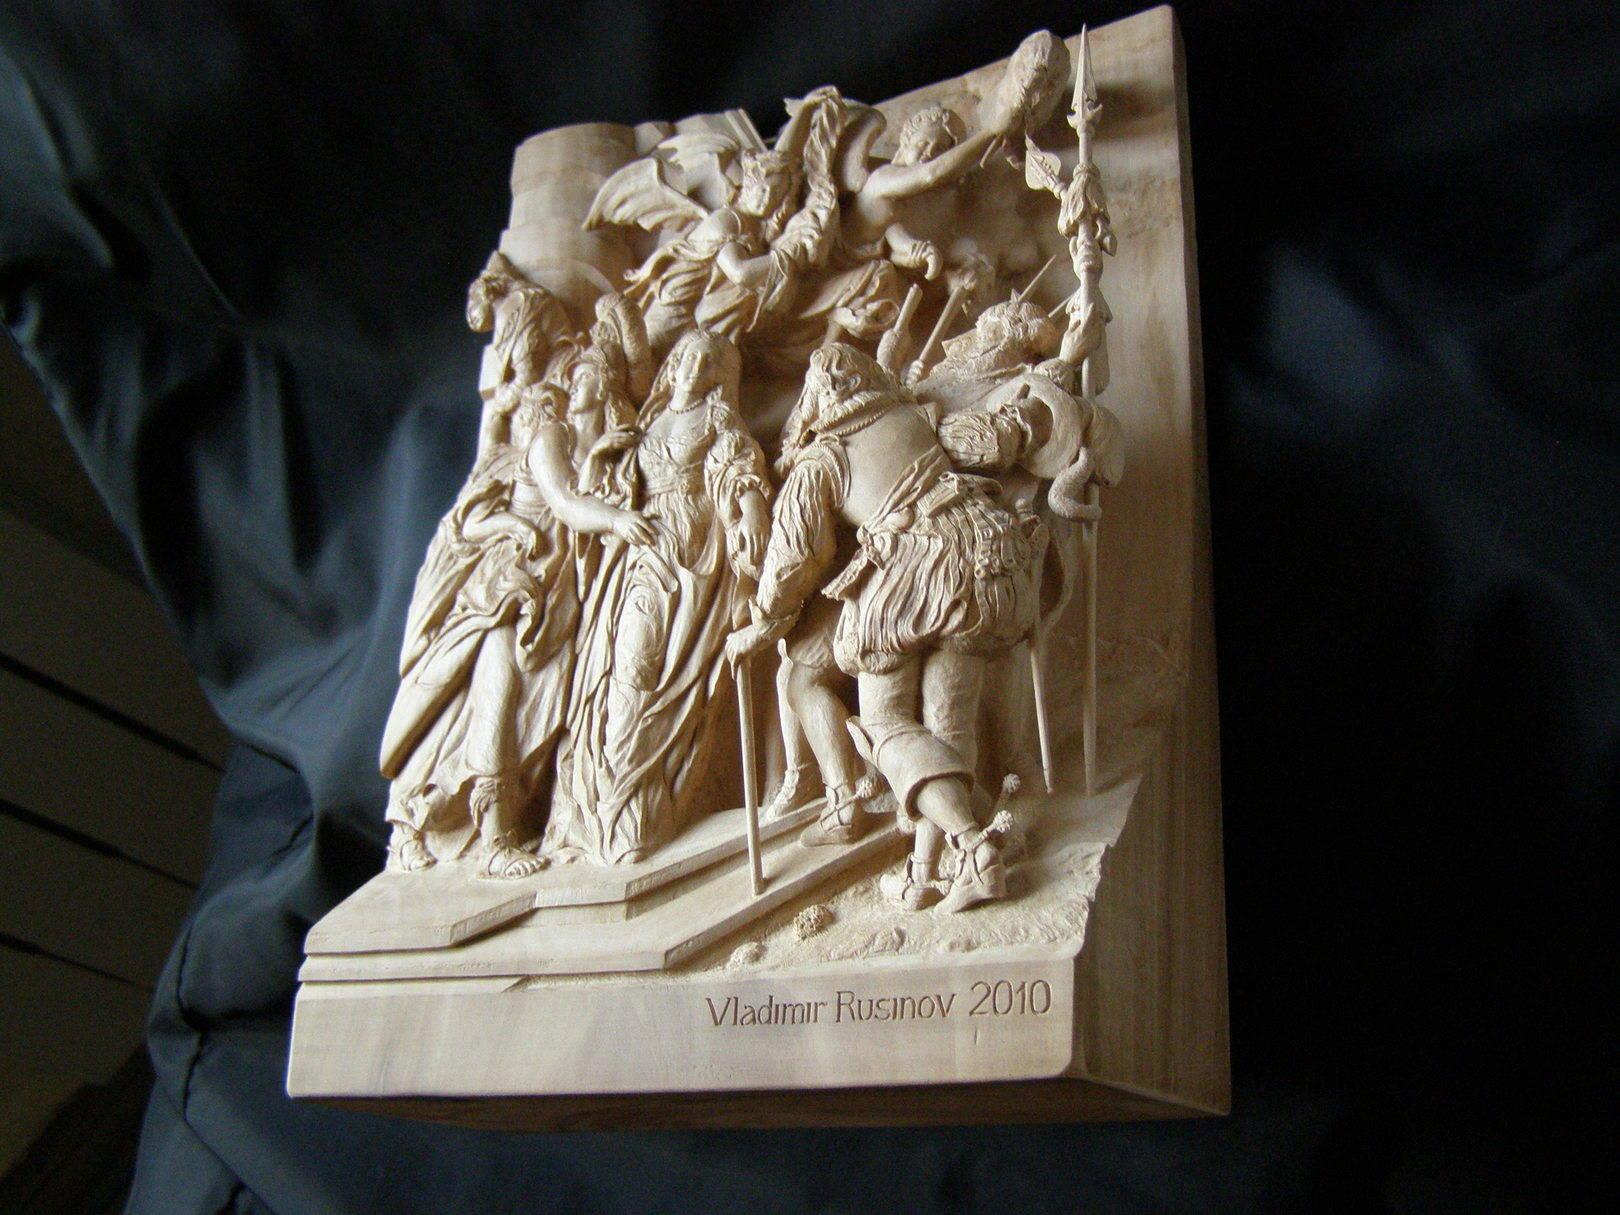 """2. """" Бегство Королевы из замка Блуа """". ( ракурс в наклоне). Размеры: 26cm x 18cm x 7,5cm. Материал: дикая груша (целый кусок). Горельеф. Ручная работа."""